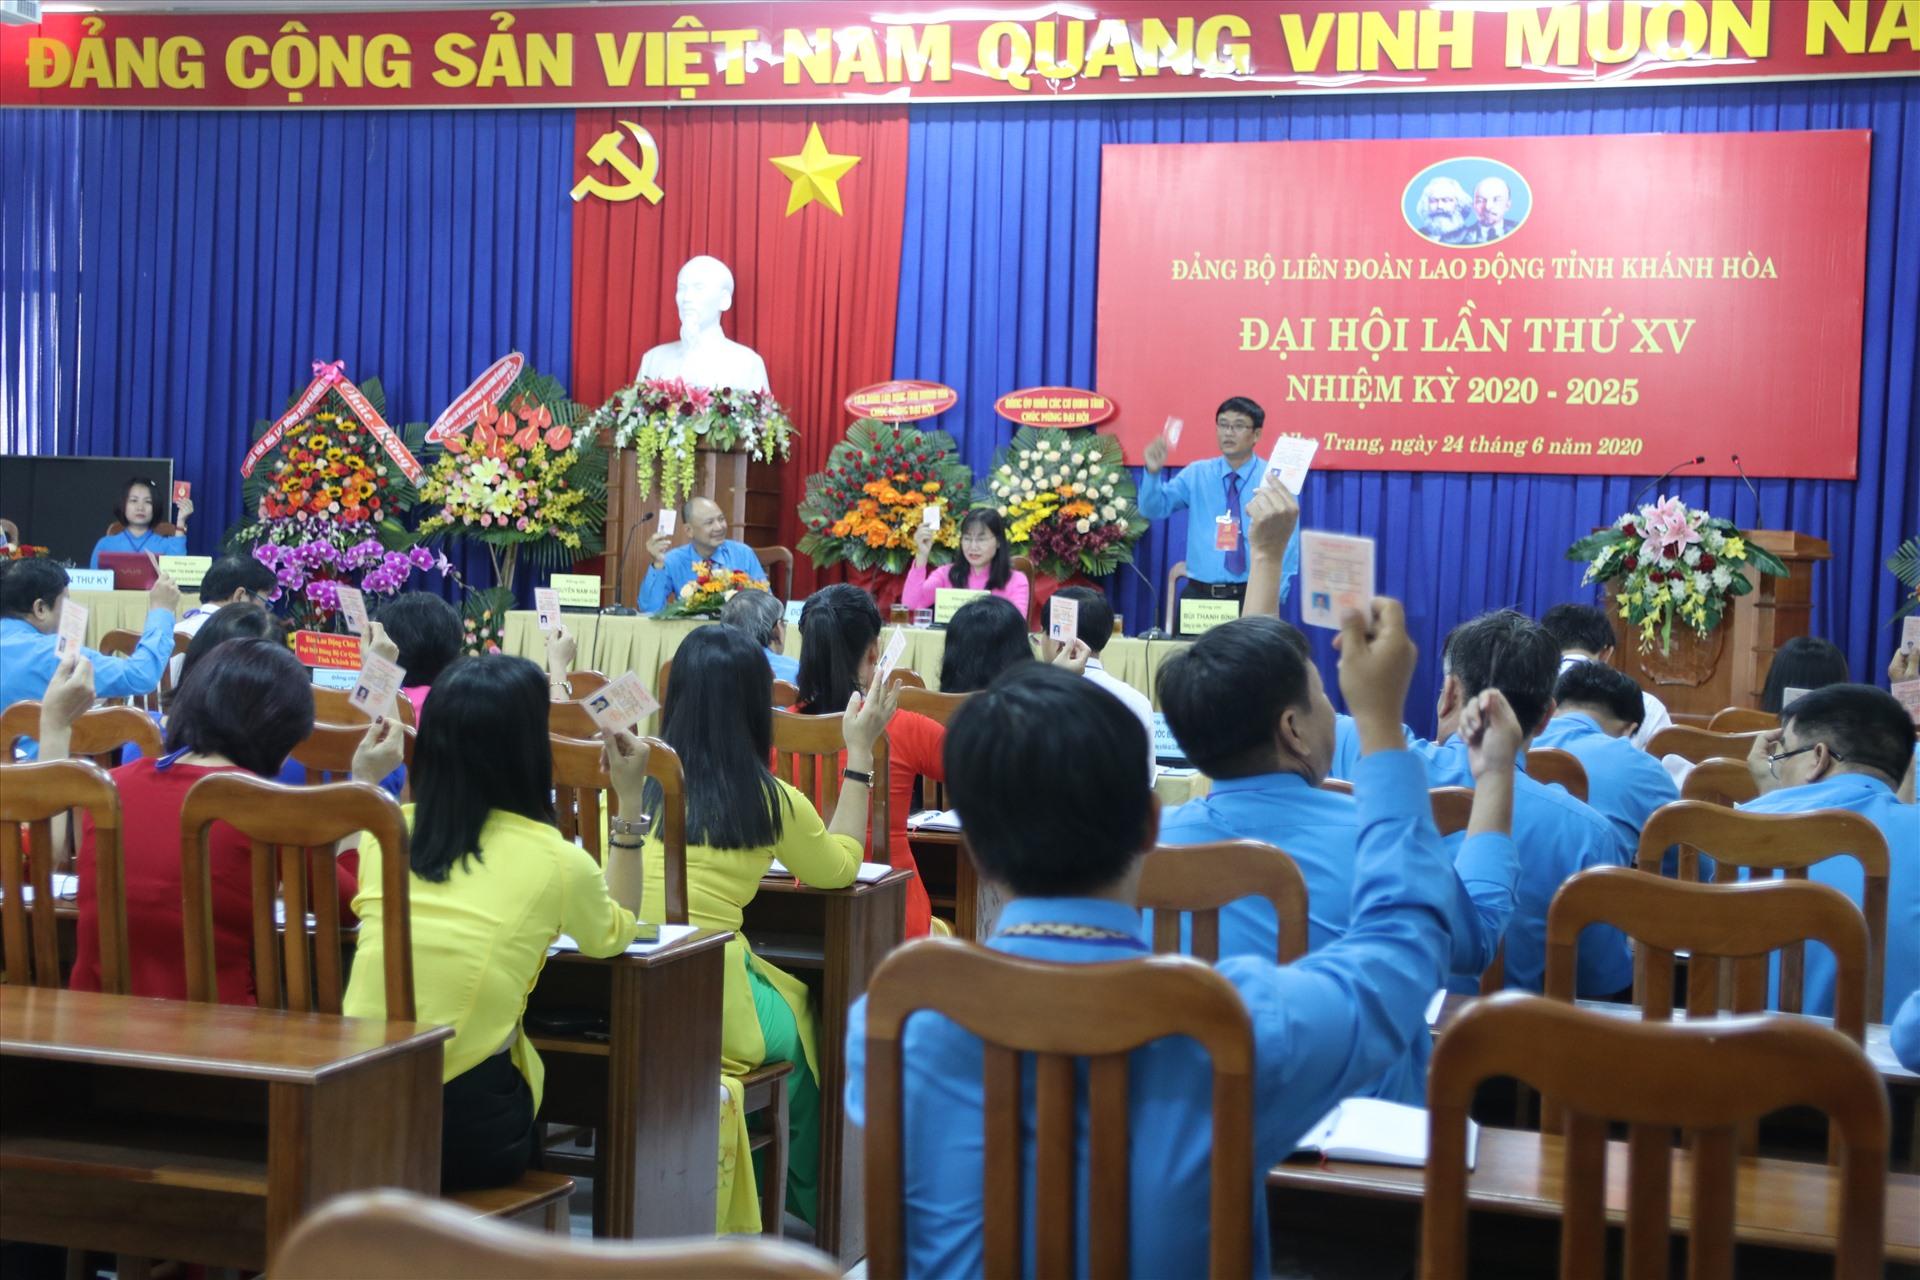 Các đại biểu tham dự đại hội Đảng bộ LĐLĐ tỉnh Khánh Hòa biểu quyết thông qua chương trình đại hội. Ảnh: Phương Linh